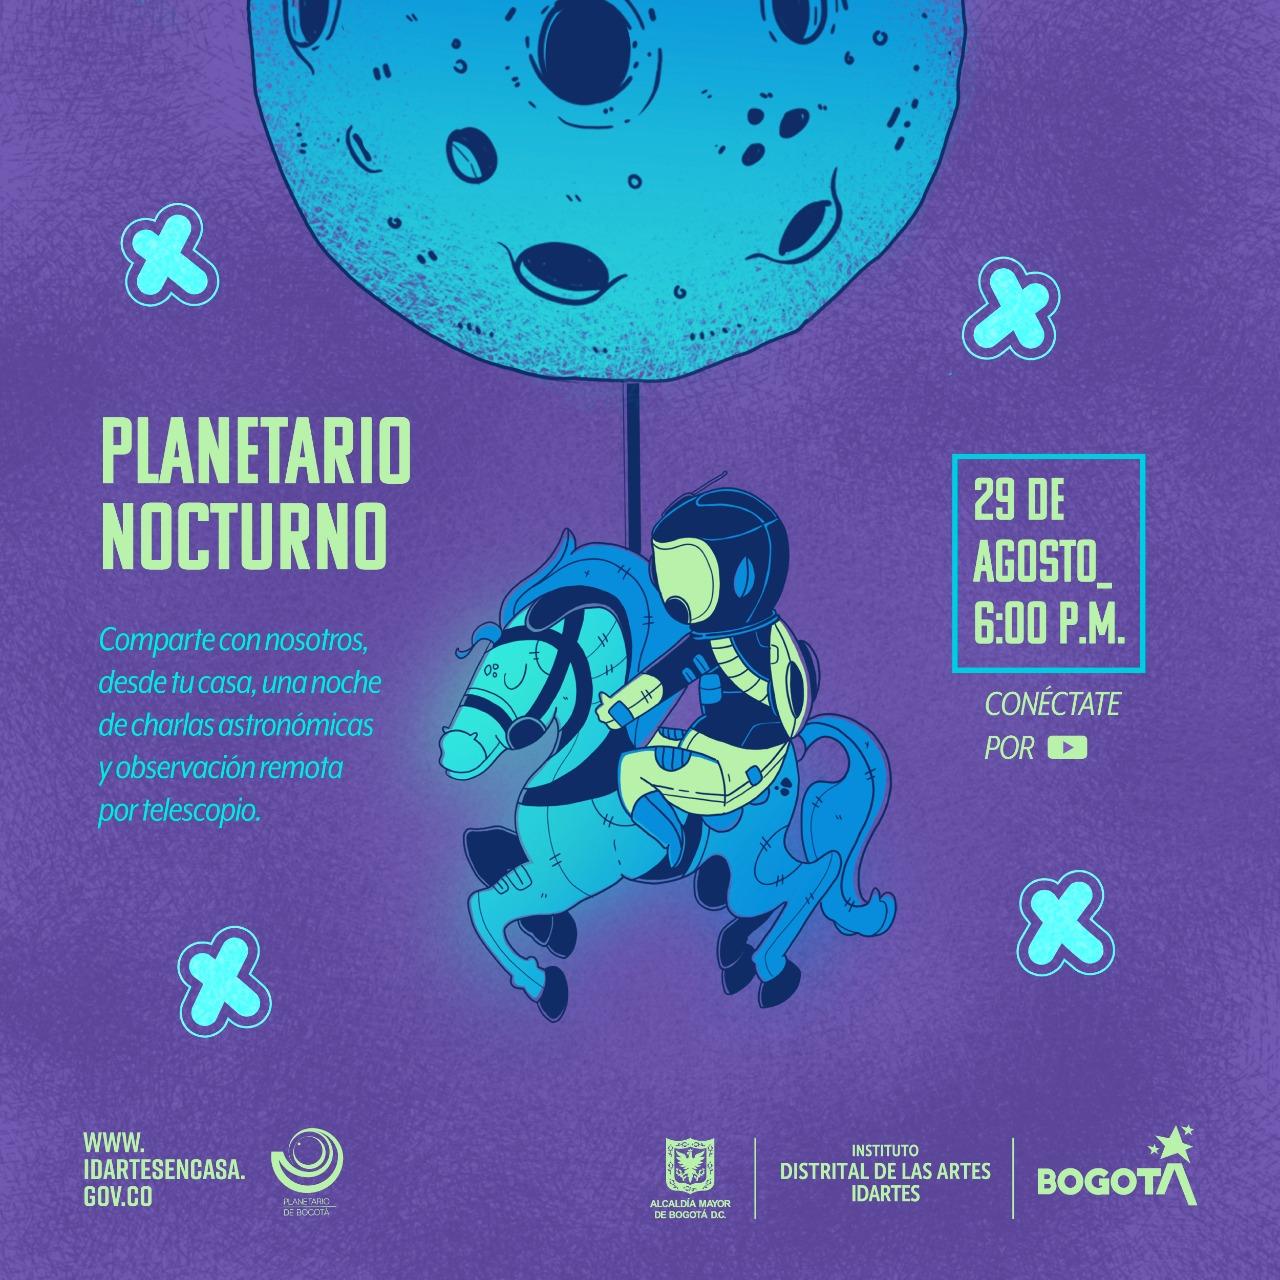 El Planetario Nocturno esta ves será virtual